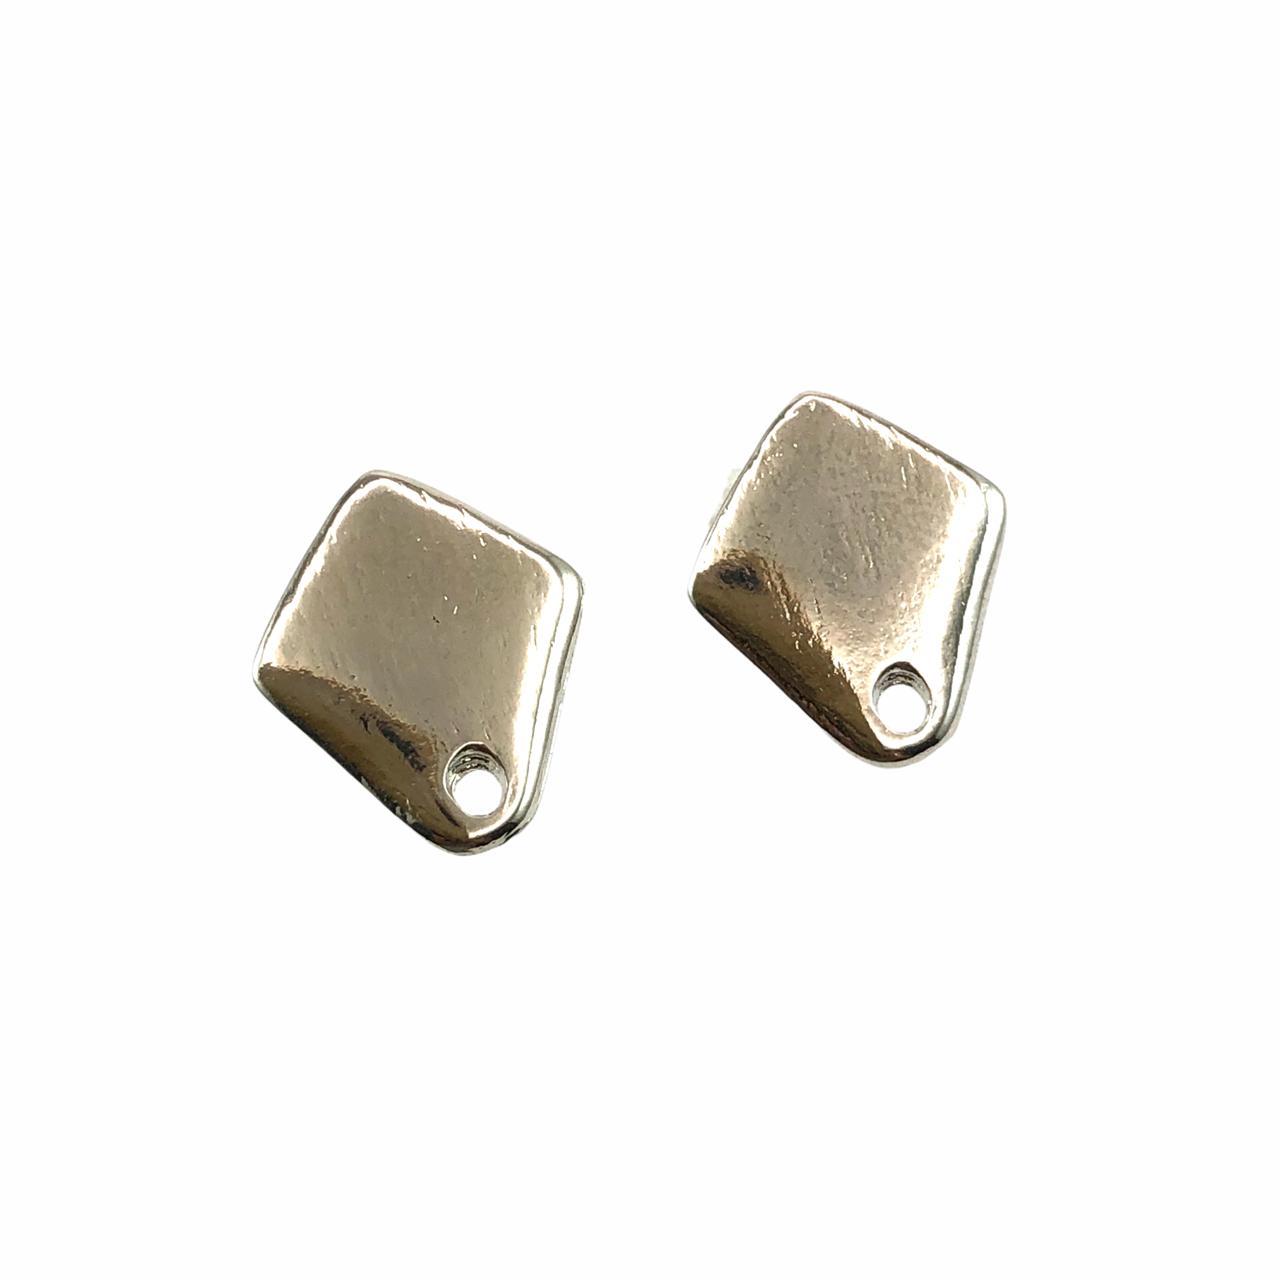 BP1656 - Base de Brinco Triangular Banhado Cor Prata - 01Par